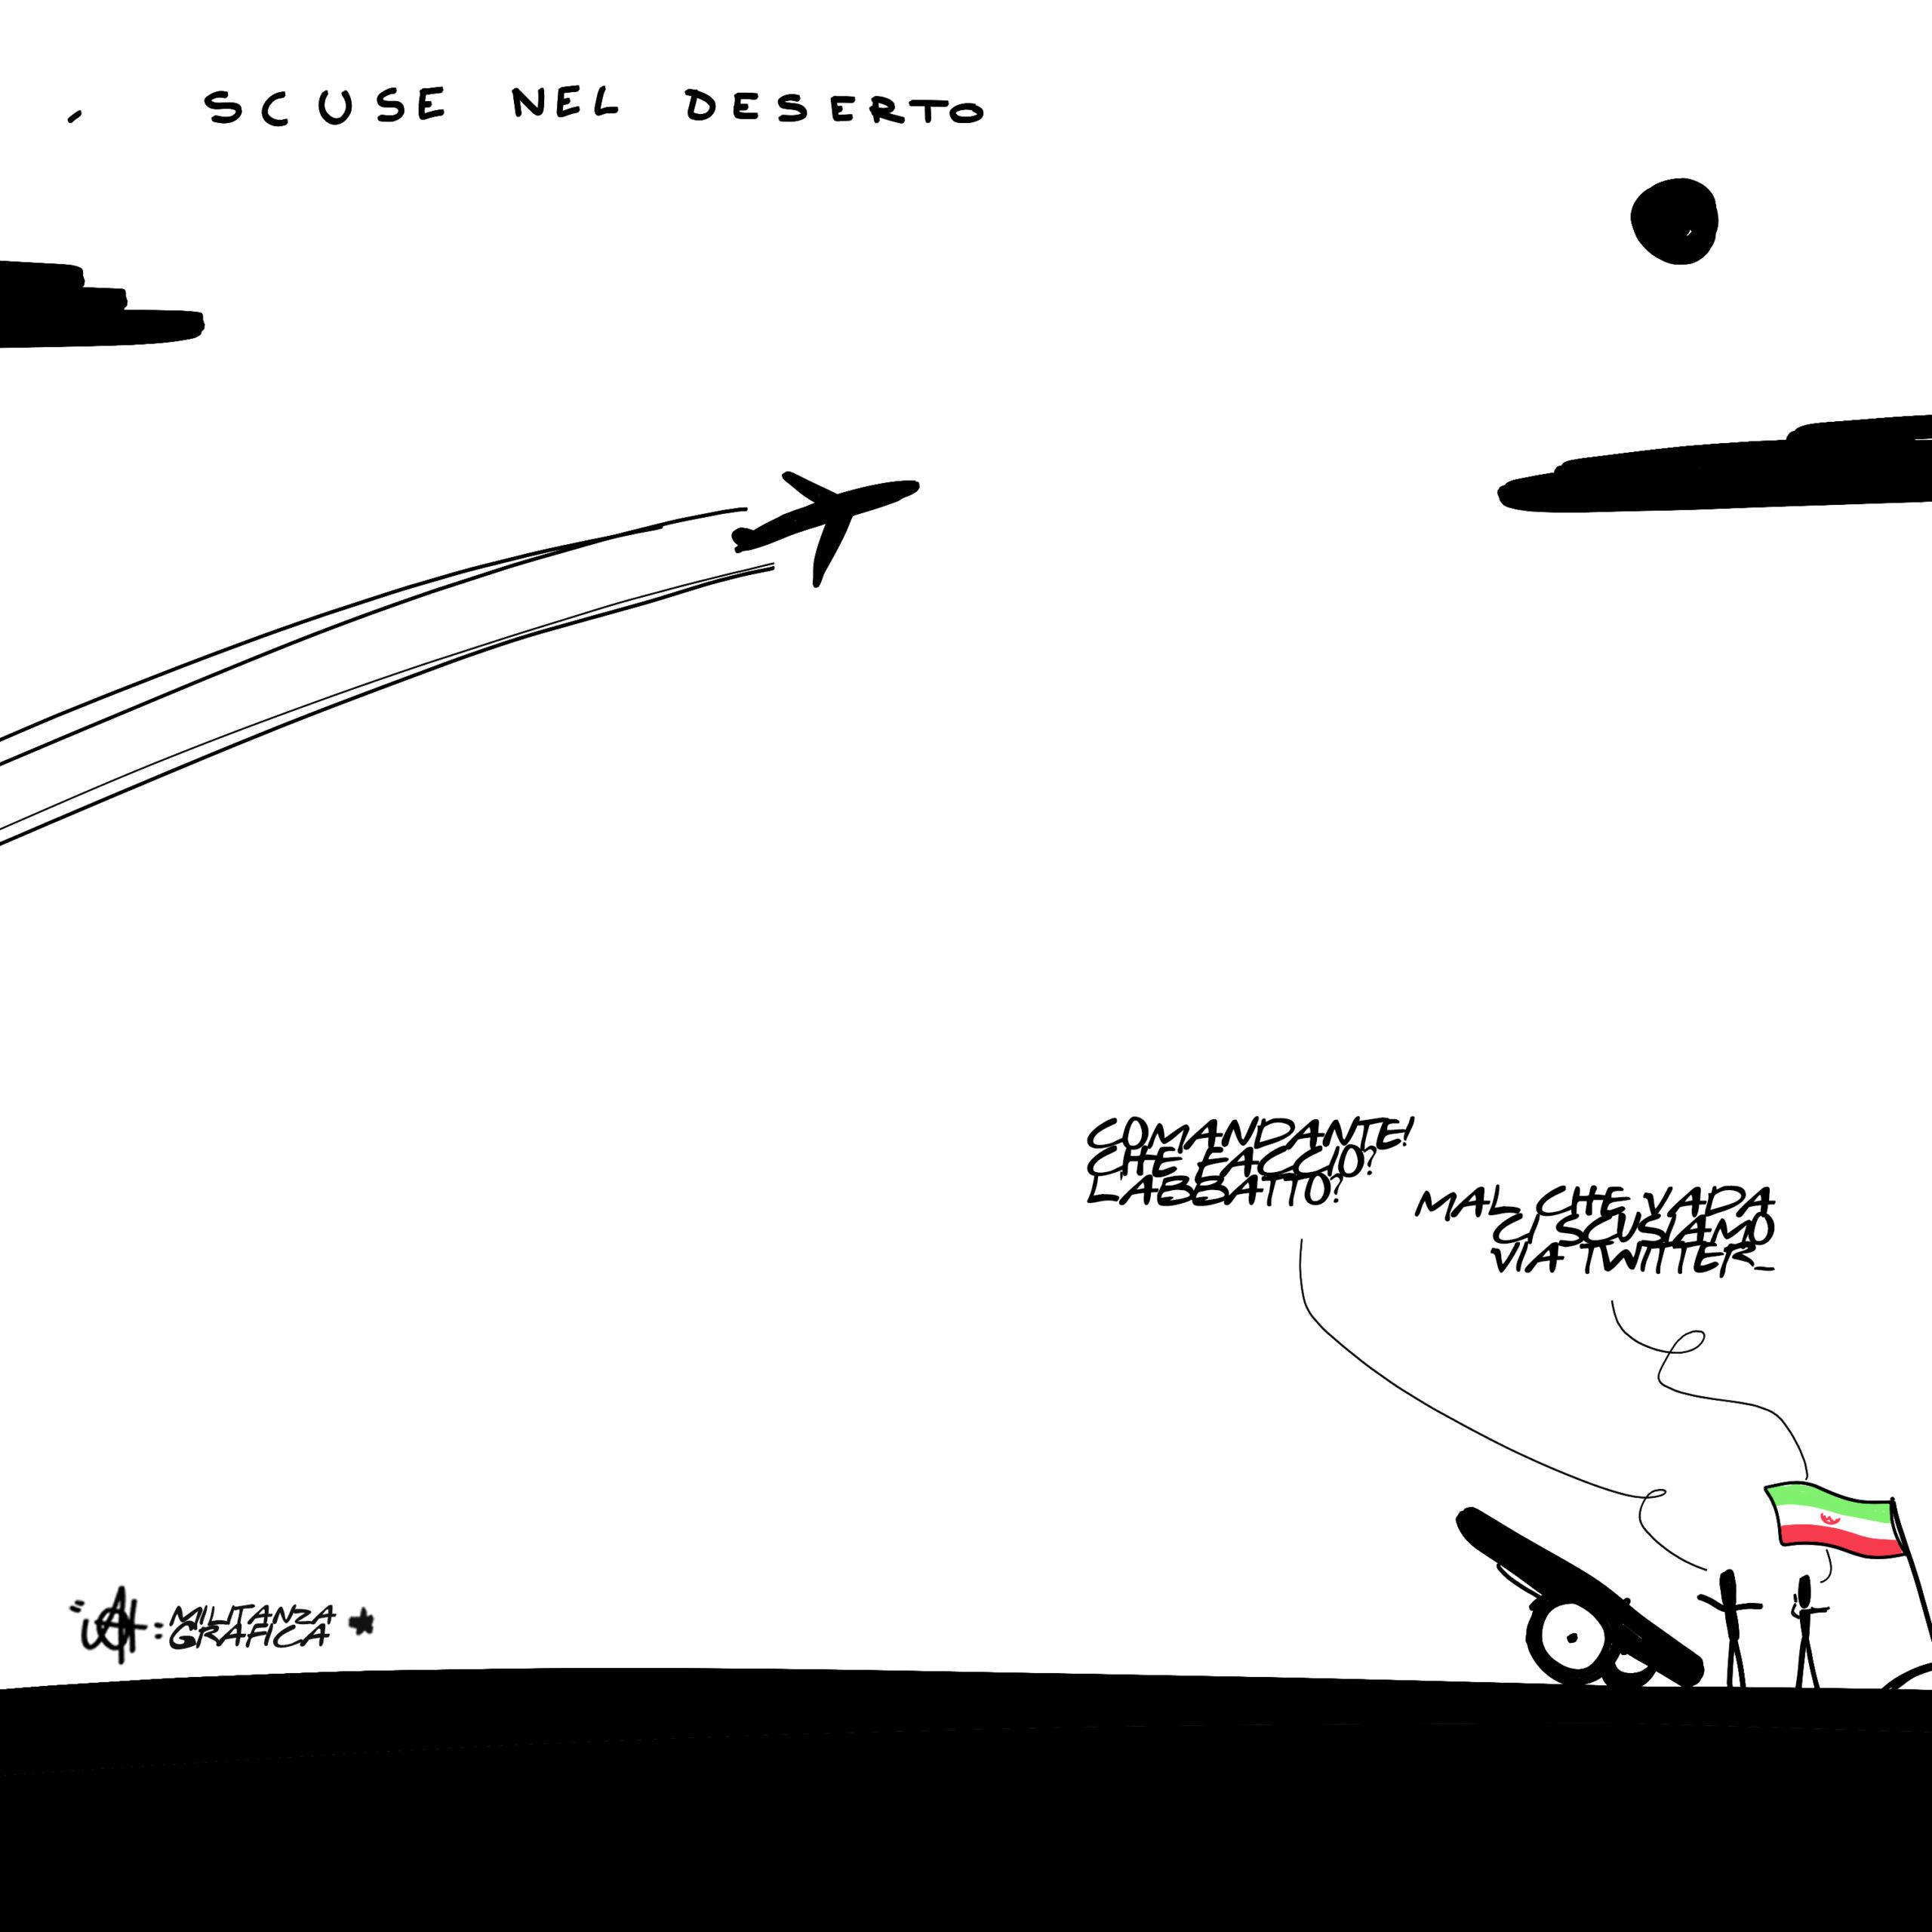 Scuse nel deserto